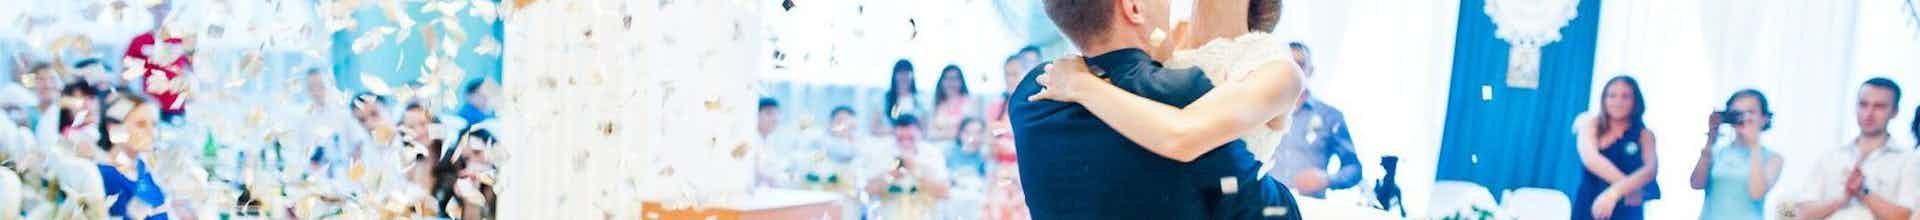 bruiloft DJ boeken inhuren